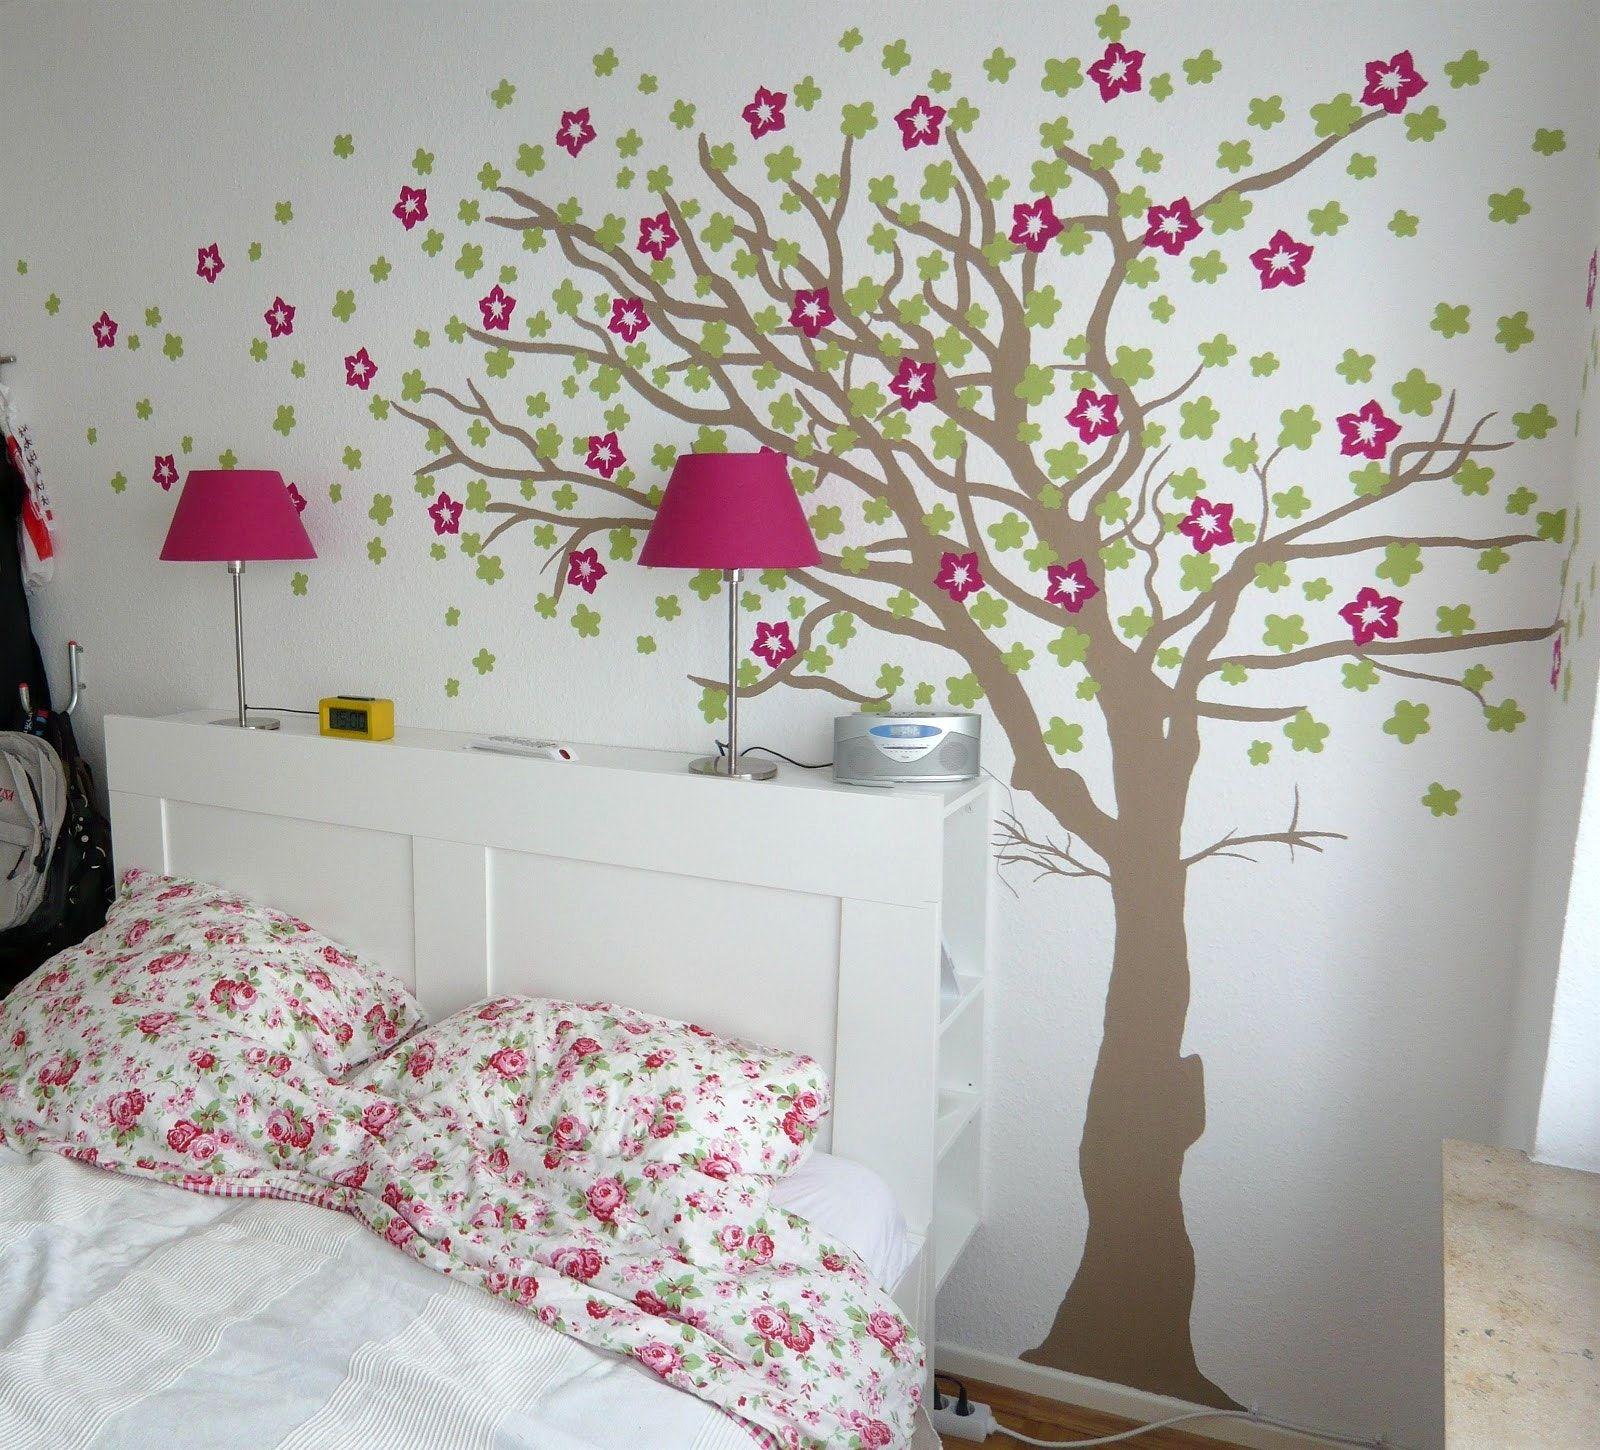 wandgestaltung kinderzimmer schablonen | Kinderzimmer | Home decor ...